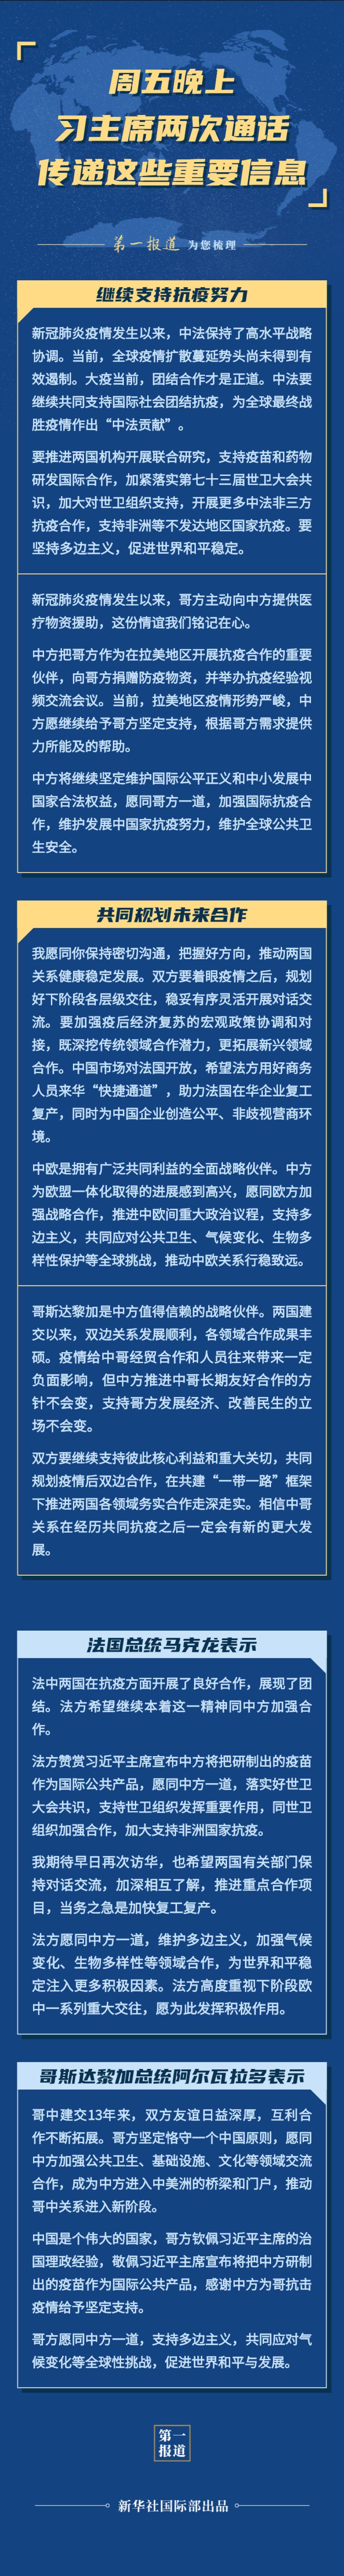 西峡县桑坪镇黄沙村:健康扶贫解民忧,上门体检暖民心